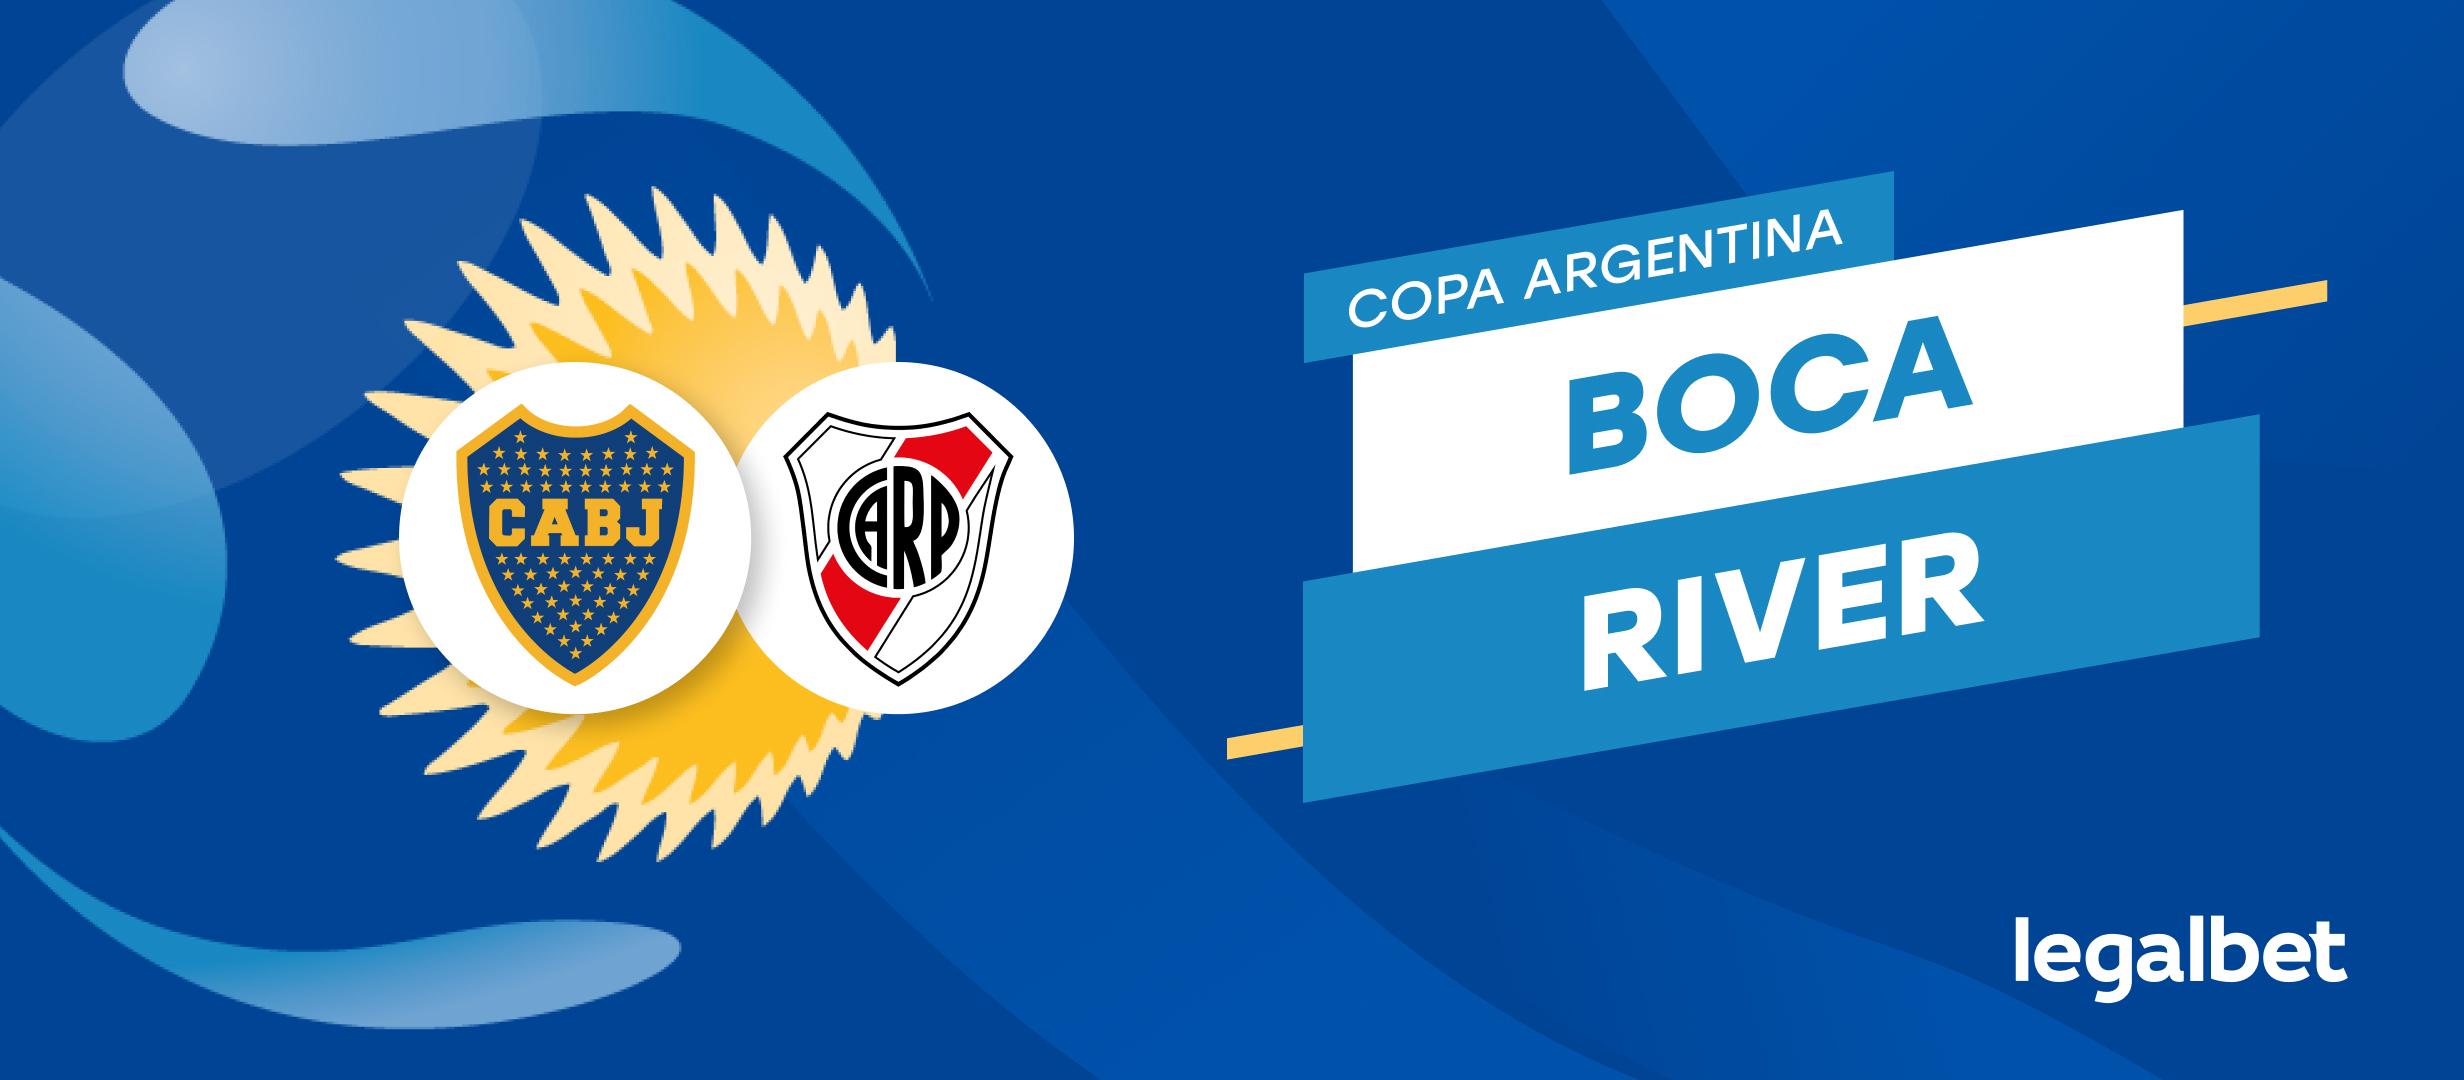 Previa y Analisis Boca - River, Copa Argentina 2021